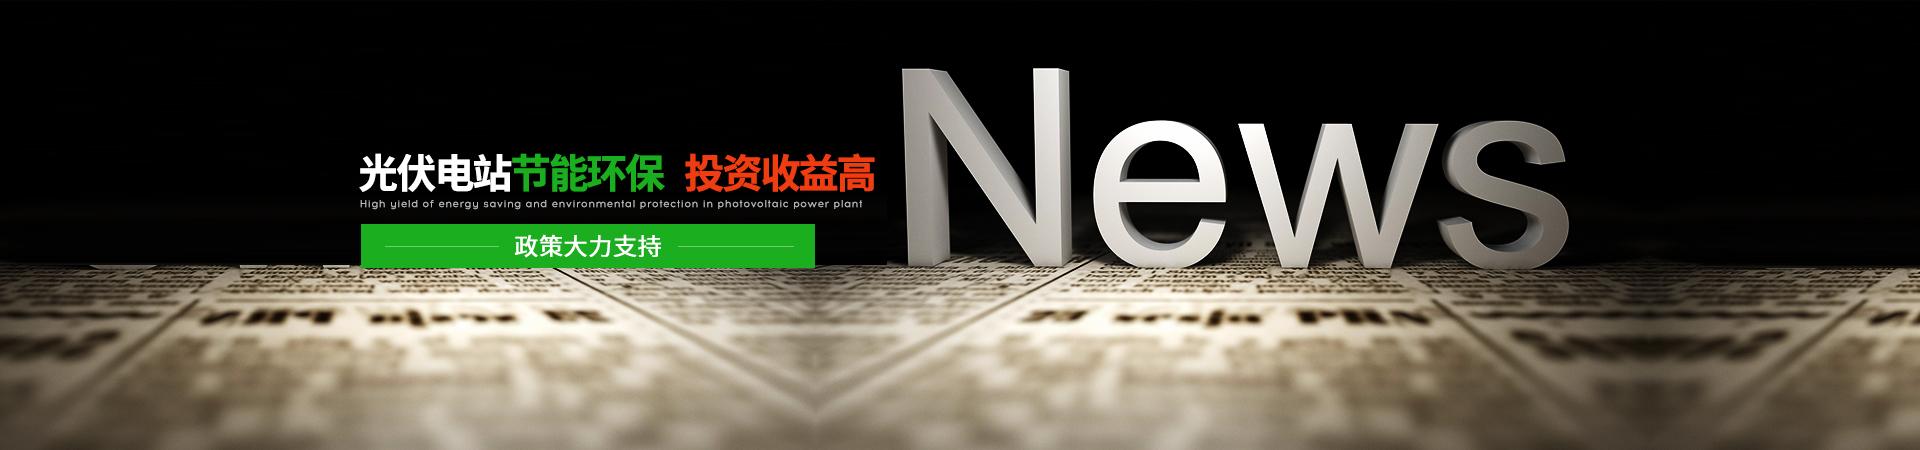 浩通节能-光伏电站节能环保、投资收益高,政策大力支持